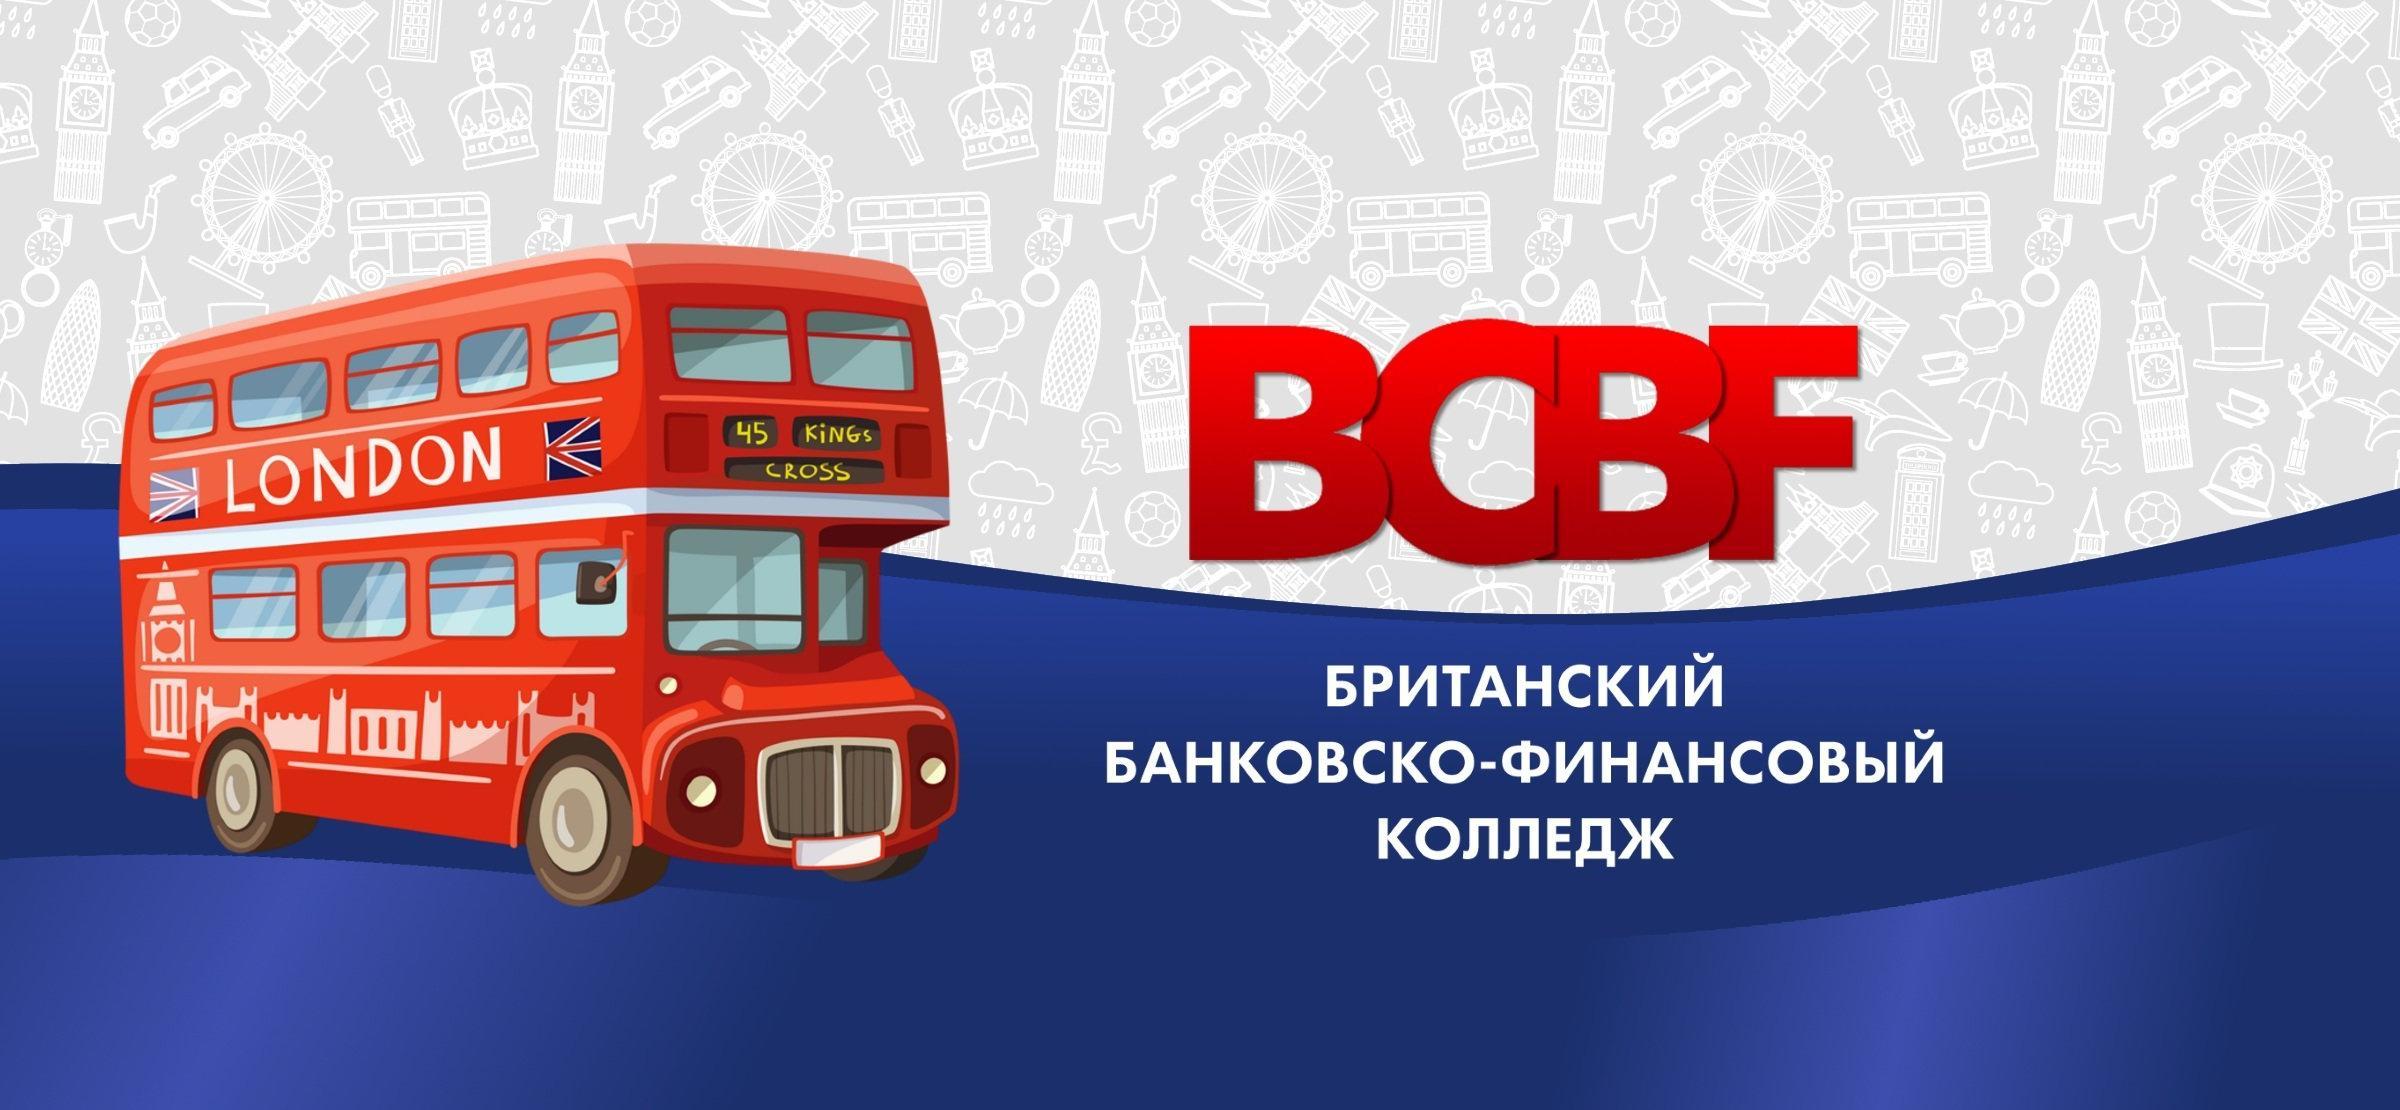 фотография Курсов английского языка BCBF